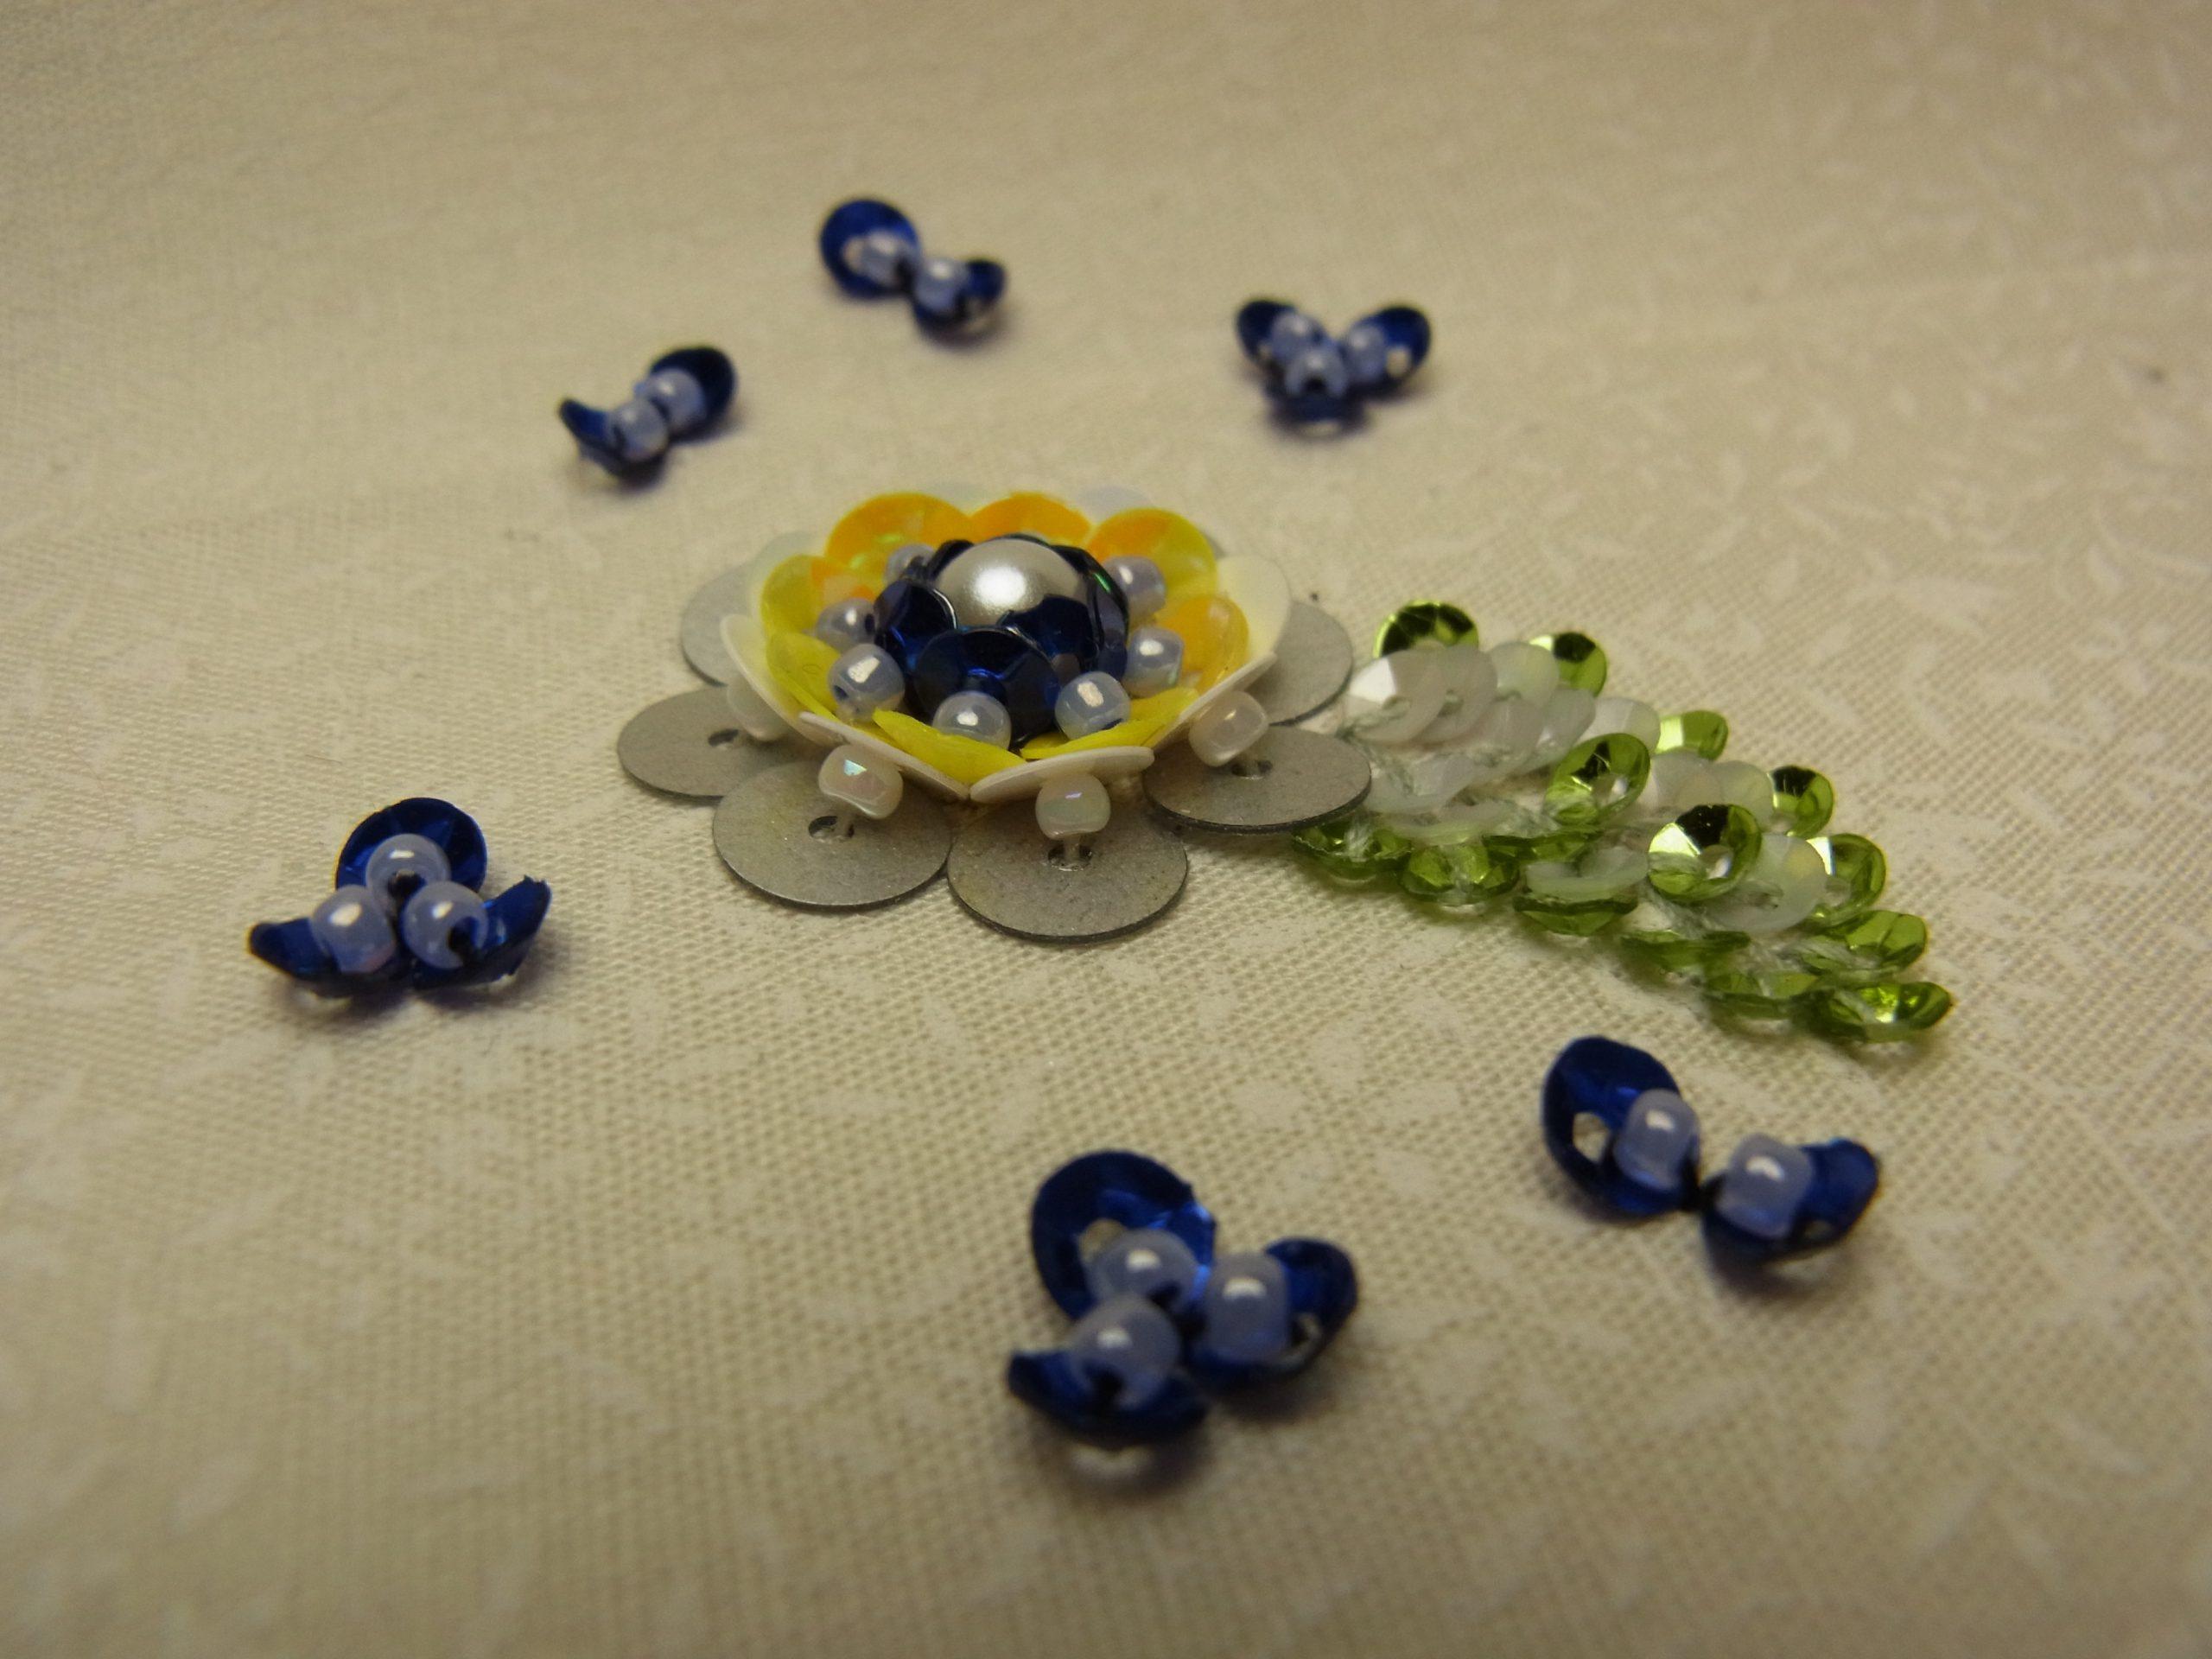 スパンコールを使った、同心円の花が完成。小さいスパンコールで葉っぱも刺しました。